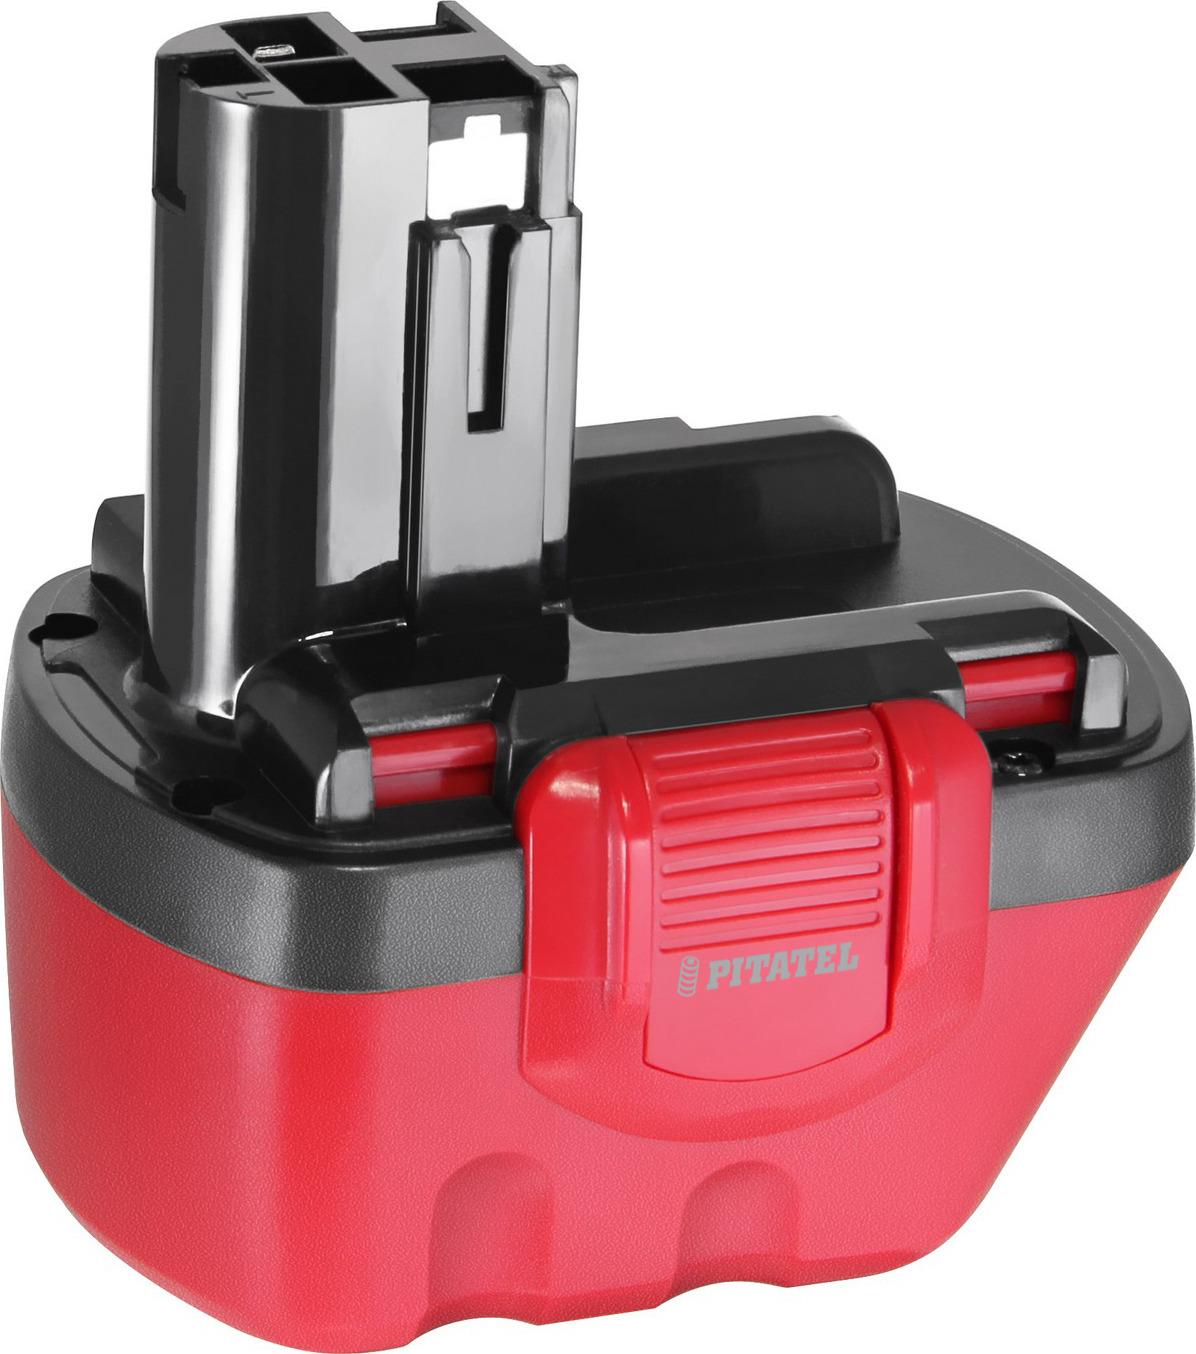 купить Аккумулятор для инструмента BOSCH Pitatel TSB-048-BOS12A-33M, вишневый-красный по цене 2490 рублей